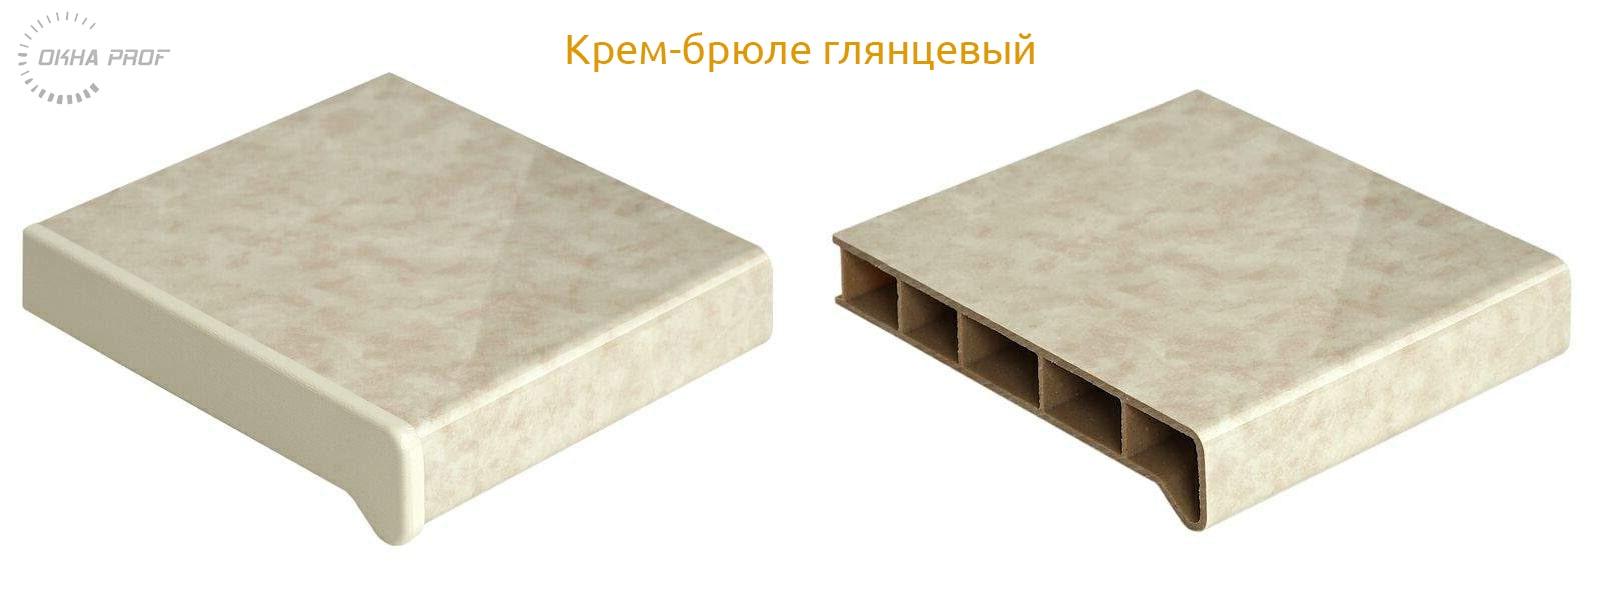 podokonnik-decor-donetsk-oknaprof-moeller-014